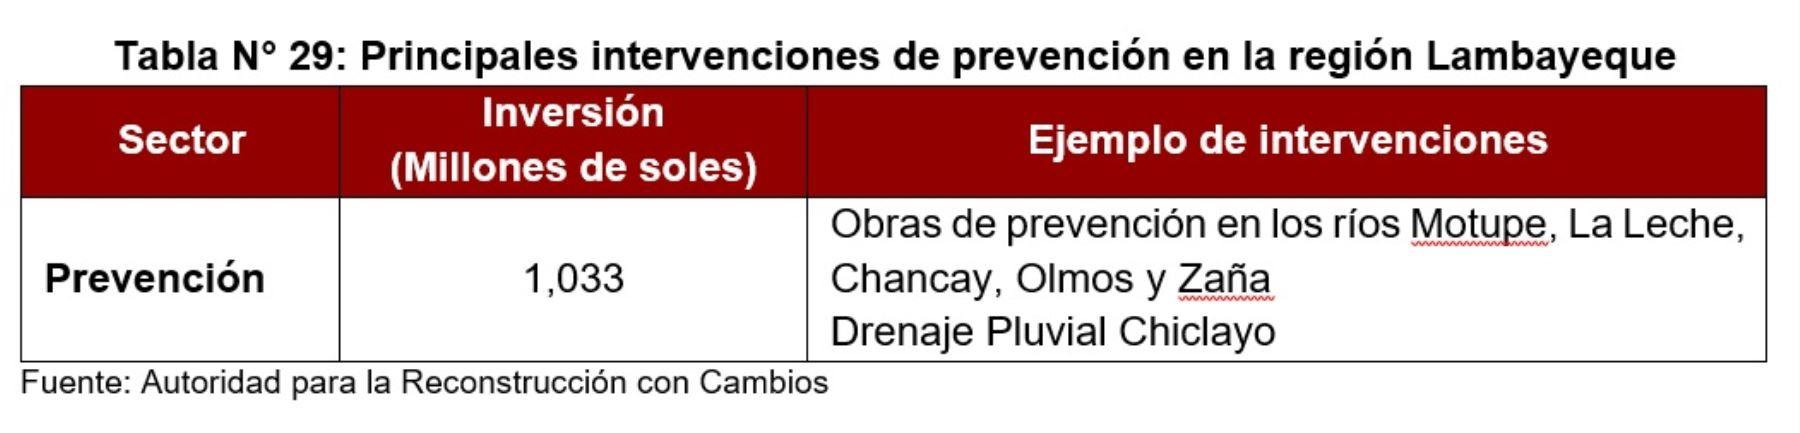 Principales intervenciones de prevención en la región Lambayeque, según la versión definitiva del Plan Integral de la Reconstrucción con Cambios 2017.